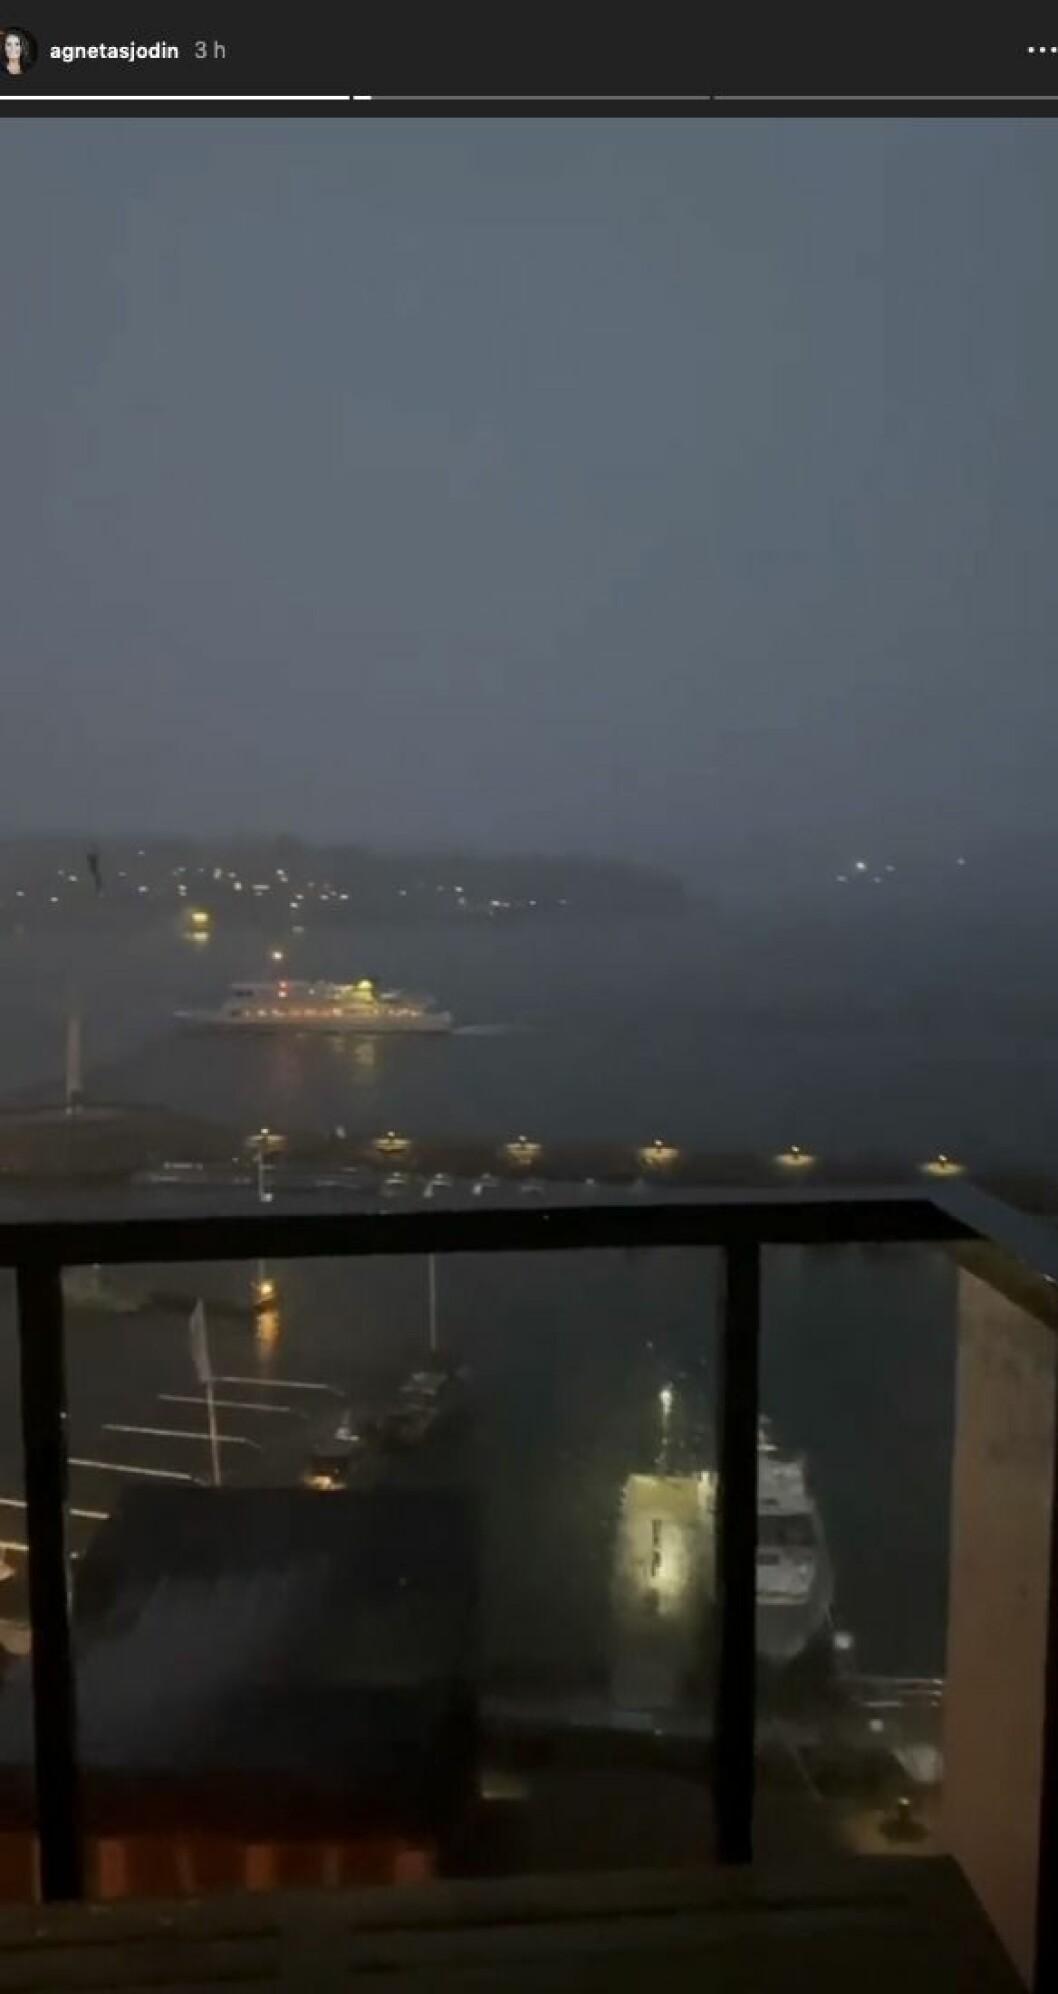 Agneta Sjödin har fångat utsikten från balkongen en mörk höstkväll